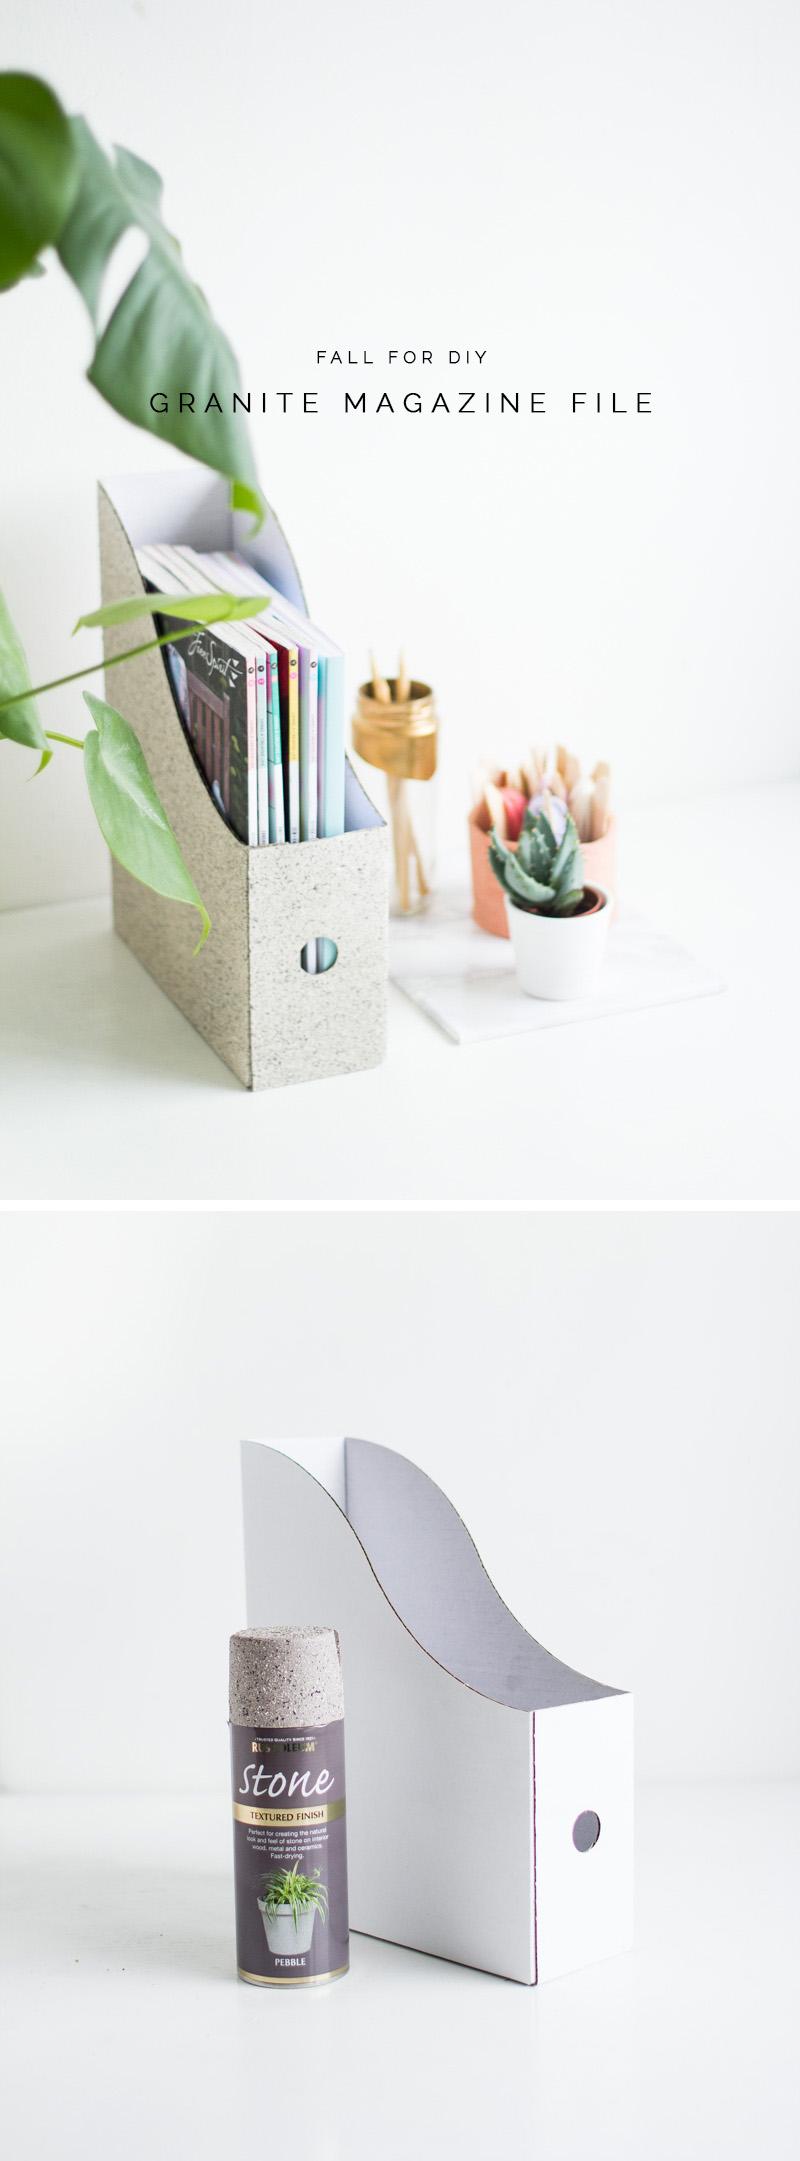 DIY Granite Stone Effect Magazine Files | Fall For DIY Materials